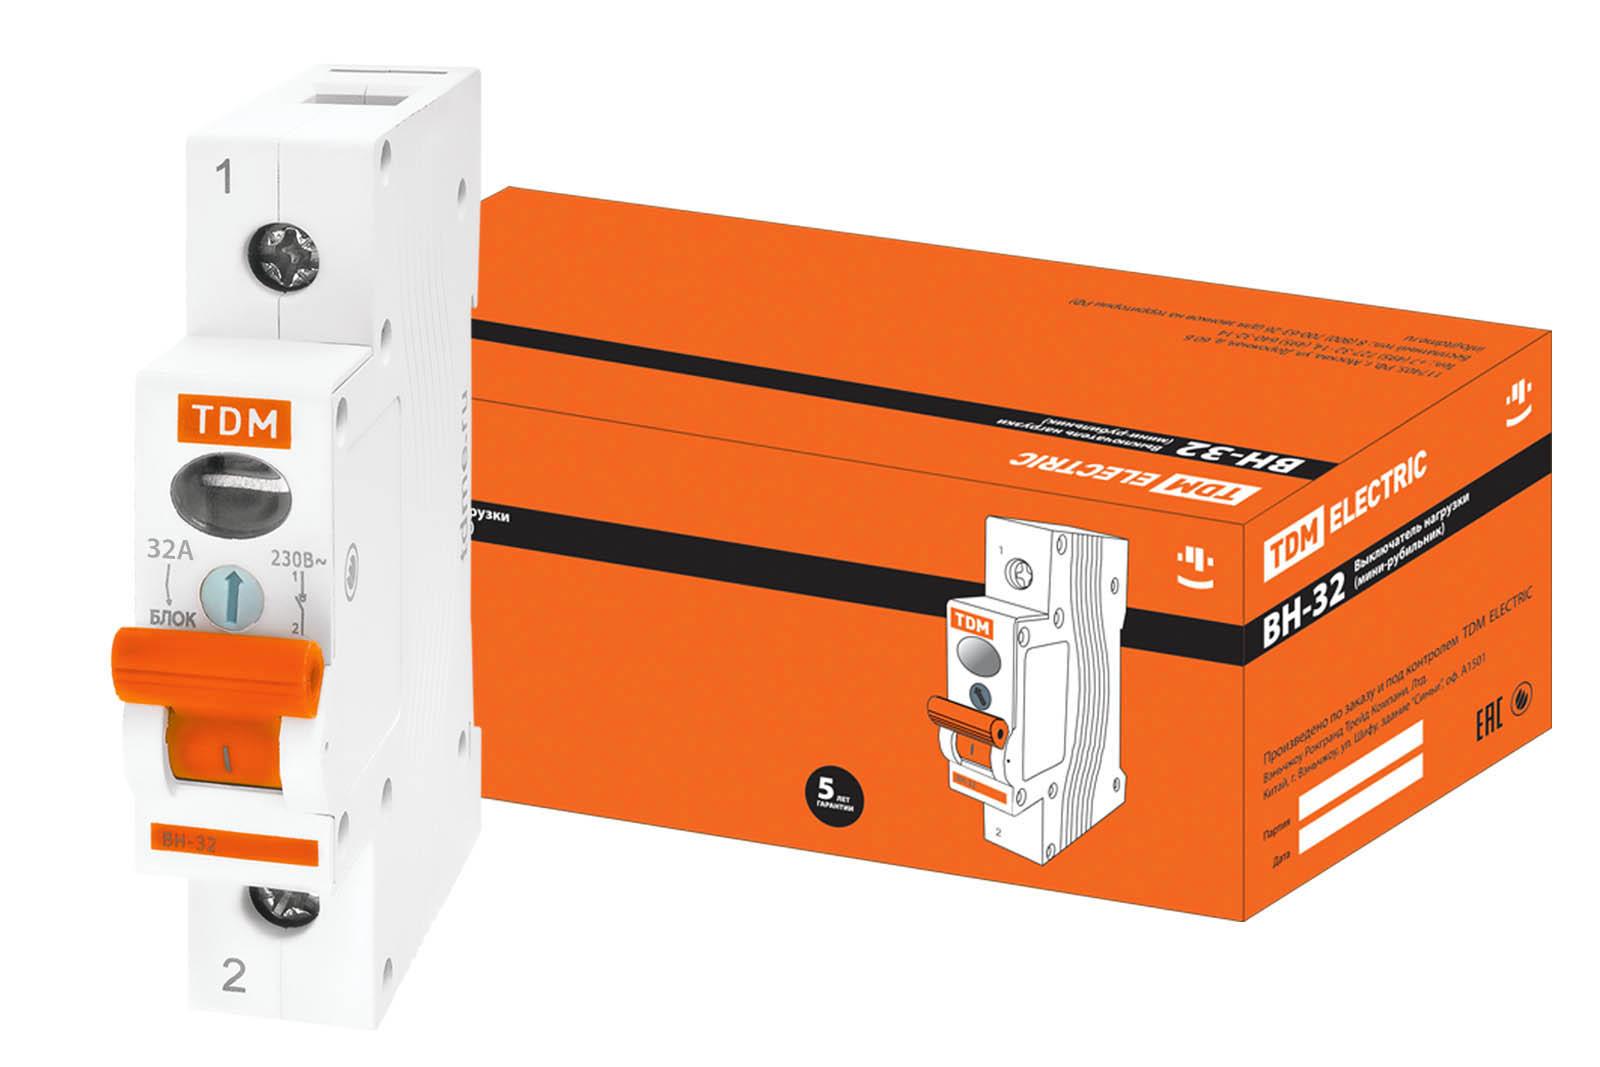 Рубильник Tdm Sq0211-0004 tdm выключатель нагрузки мини рубильник вн 32 3p 63a sq0211 0027